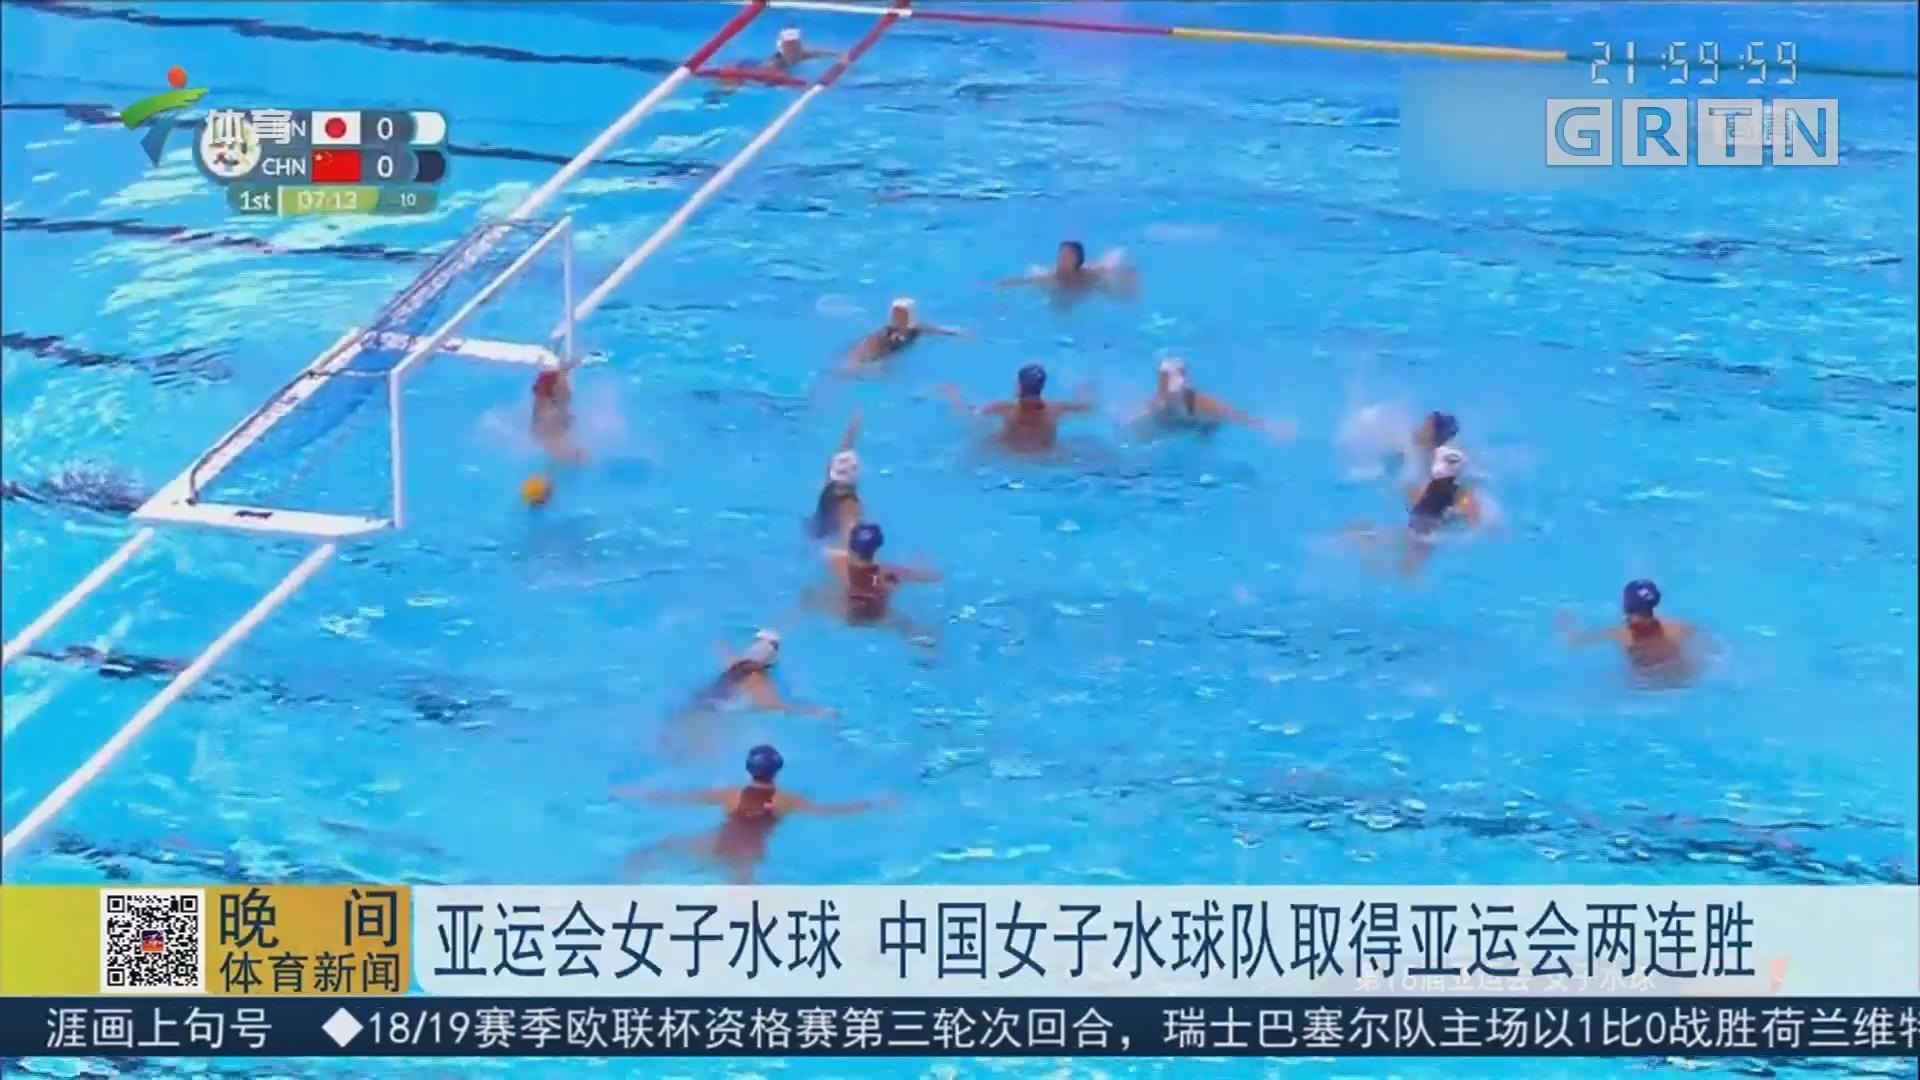 亚运会女子水球 中国女子水球队取得亚运会两连胜